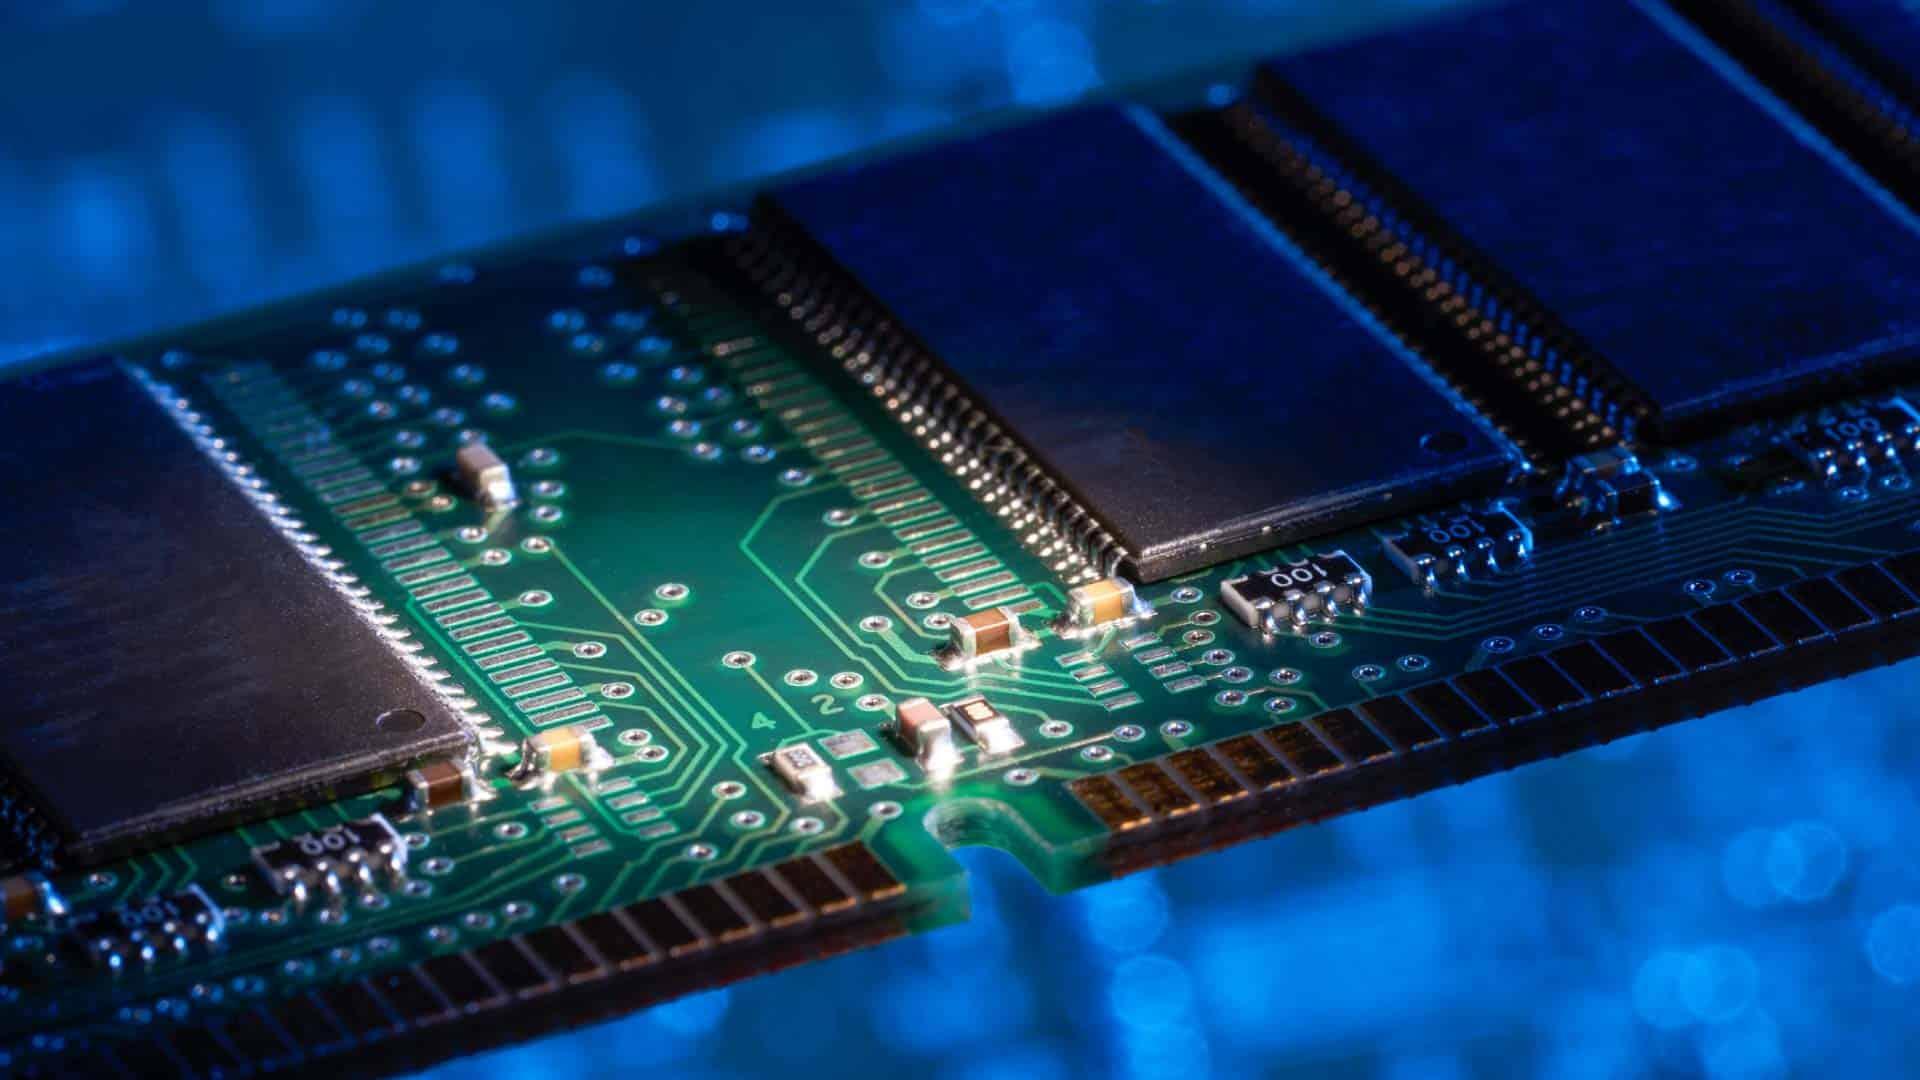 RAM-yang-disarankan-untuk-memainkan-FF-di-PC